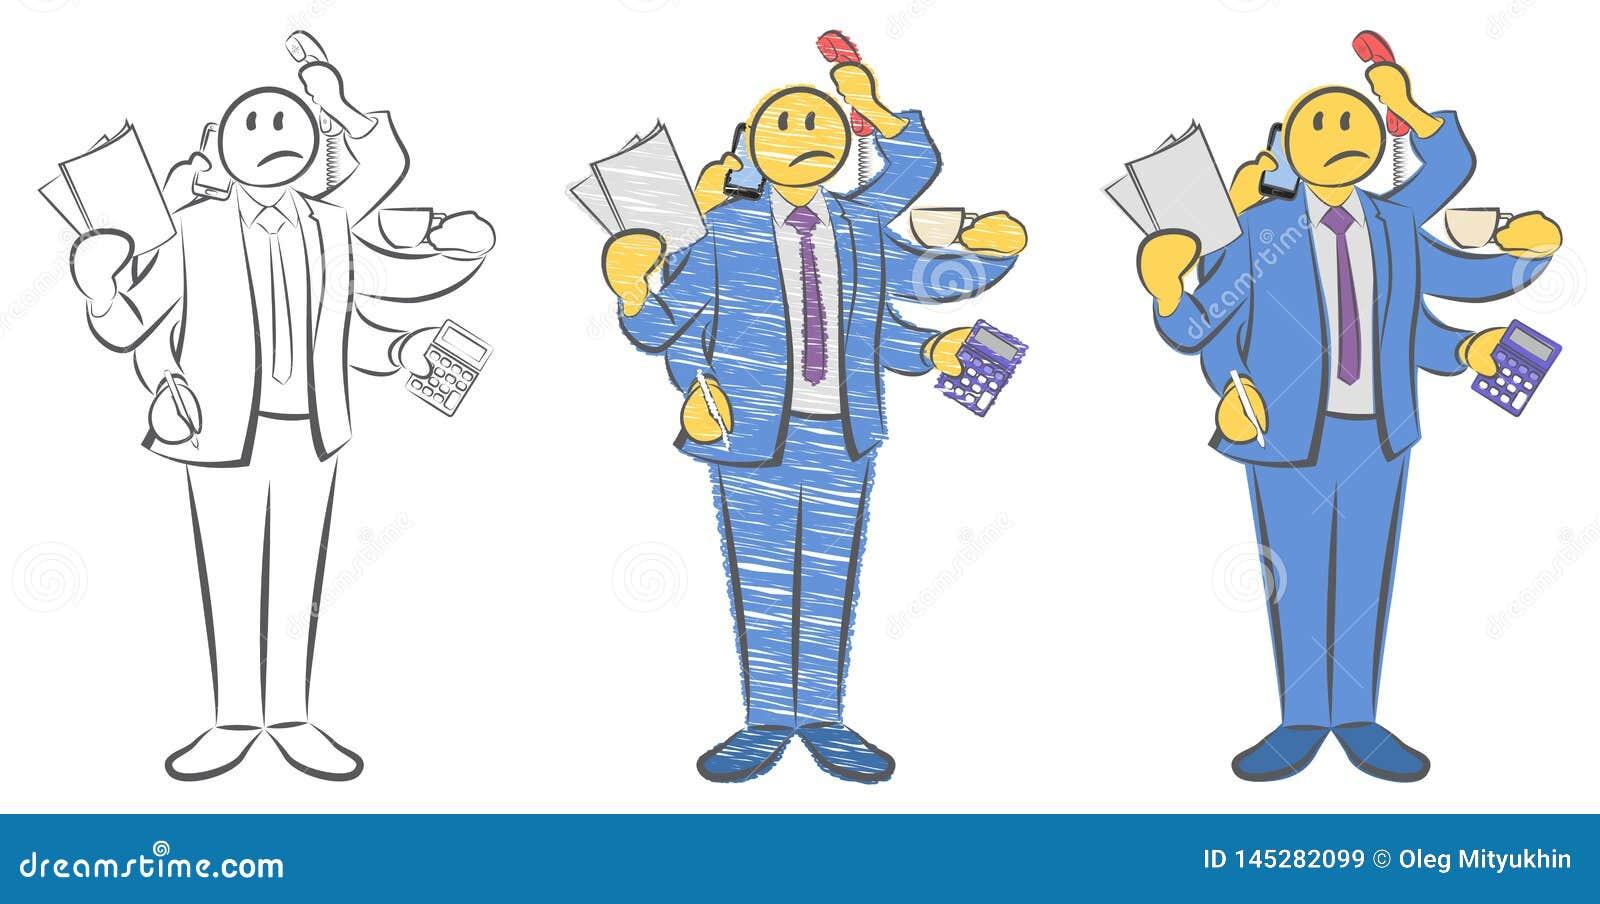 Kerel met zes handen die voorwerpen houden Arbeider met multitasking en multivaardigheid Niet genoeg handen Kan niet op tijd word